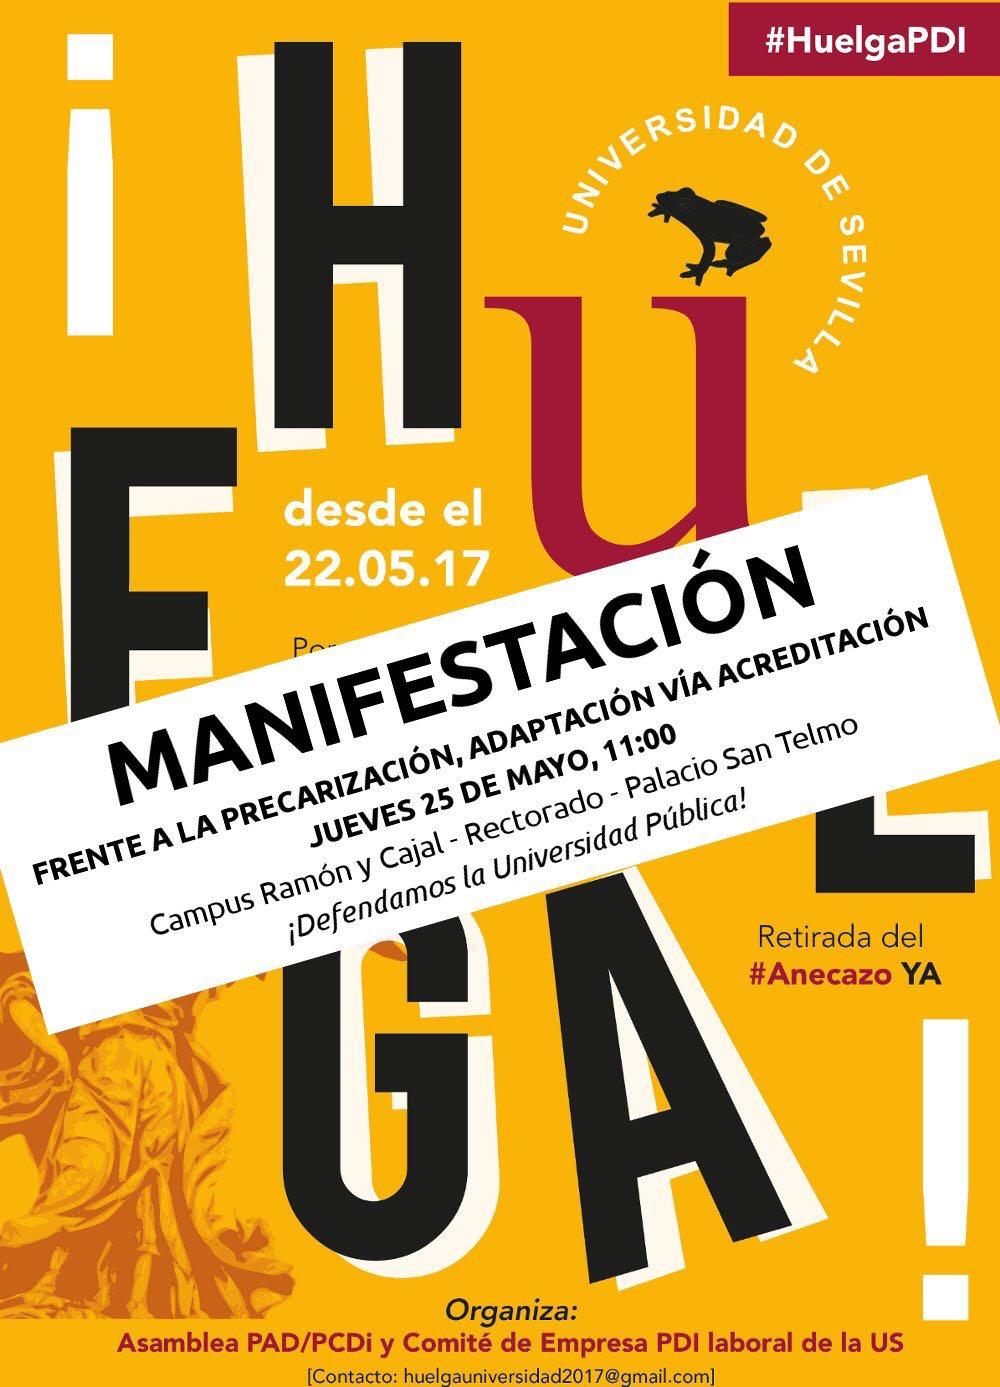 MANIFESTACIÓN: ¡DEFENDAMOS LA UNIVERSIDAD PÚBLICA!